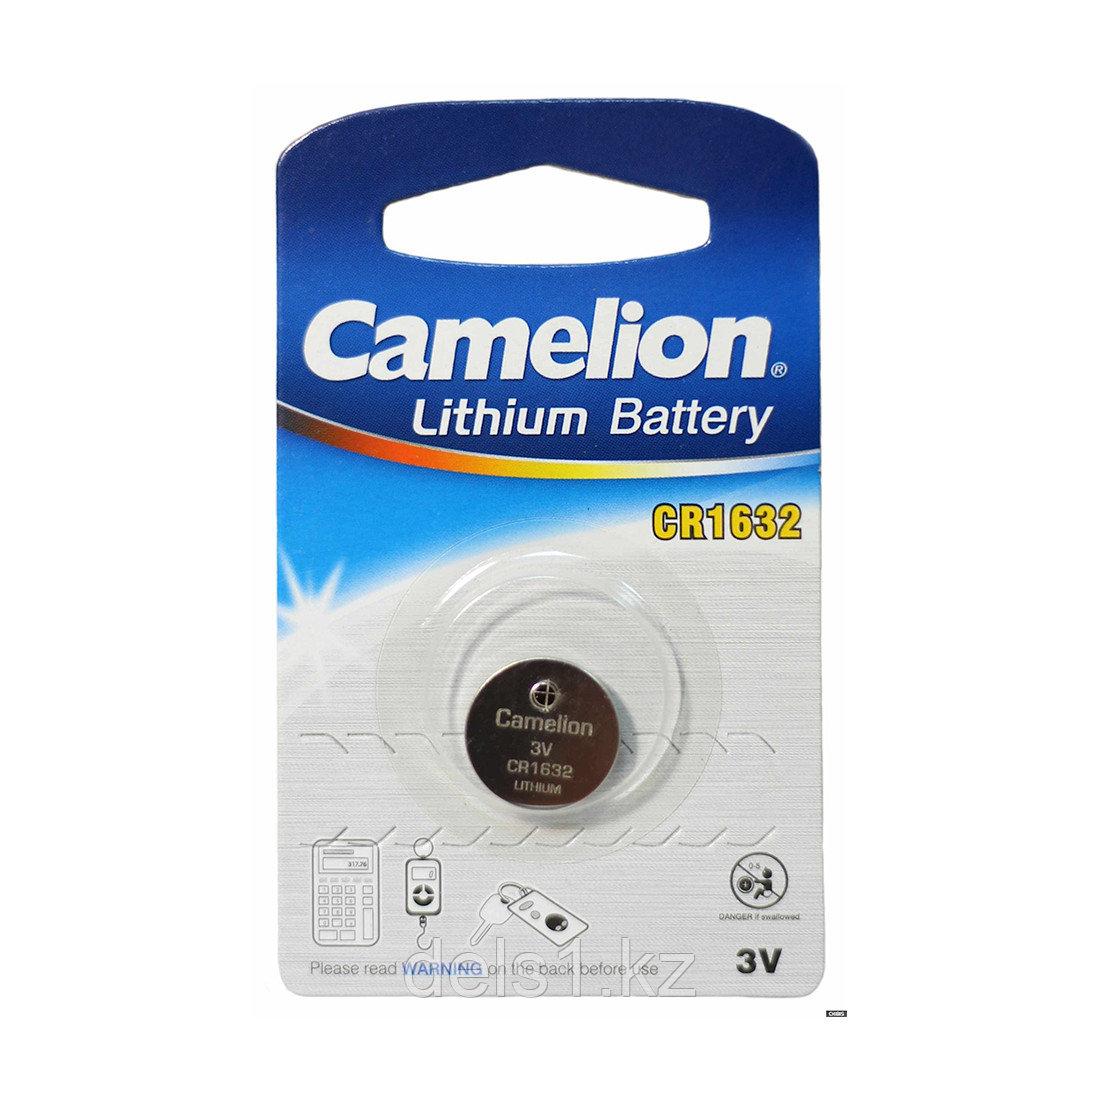 Батарейка, CAMELION, CR1632-BP1, Lithium Battery, CR1632, 3V, 220 mAh, 1 шт.